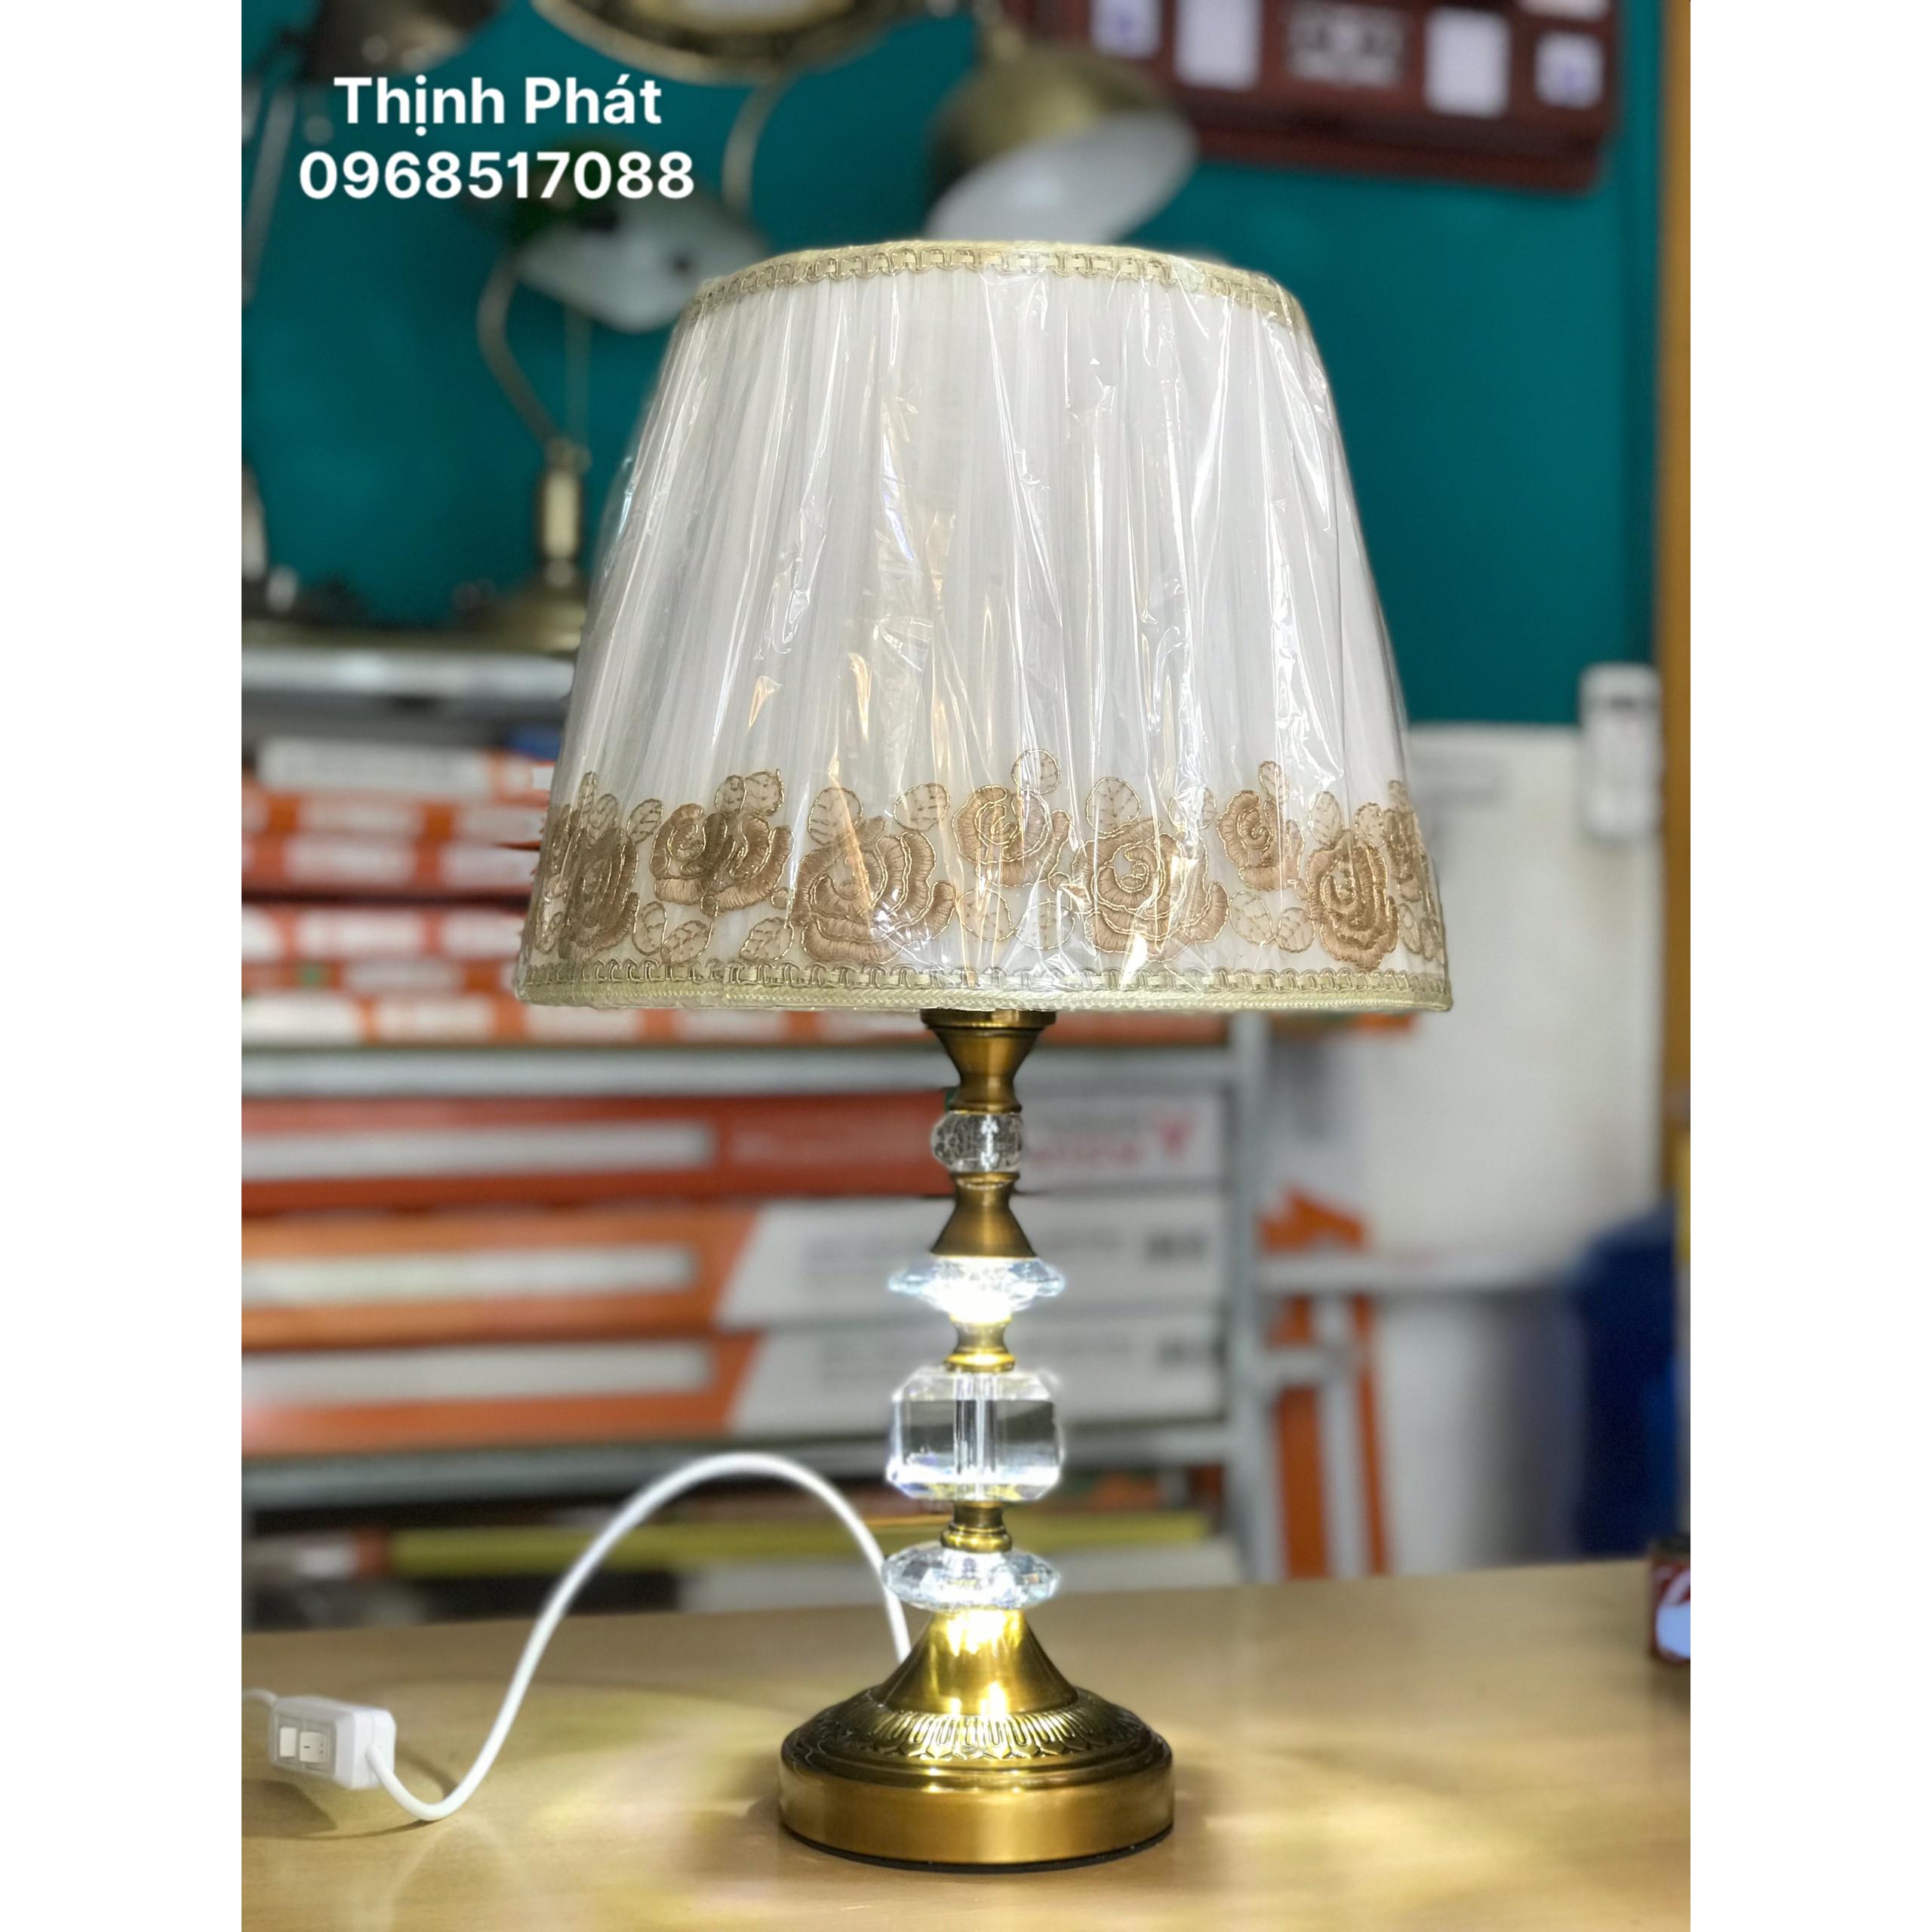 Đèn để bàn - Chân pha lê phát sáng - BATI - TẶNG KÈM 2 BÓNG LED